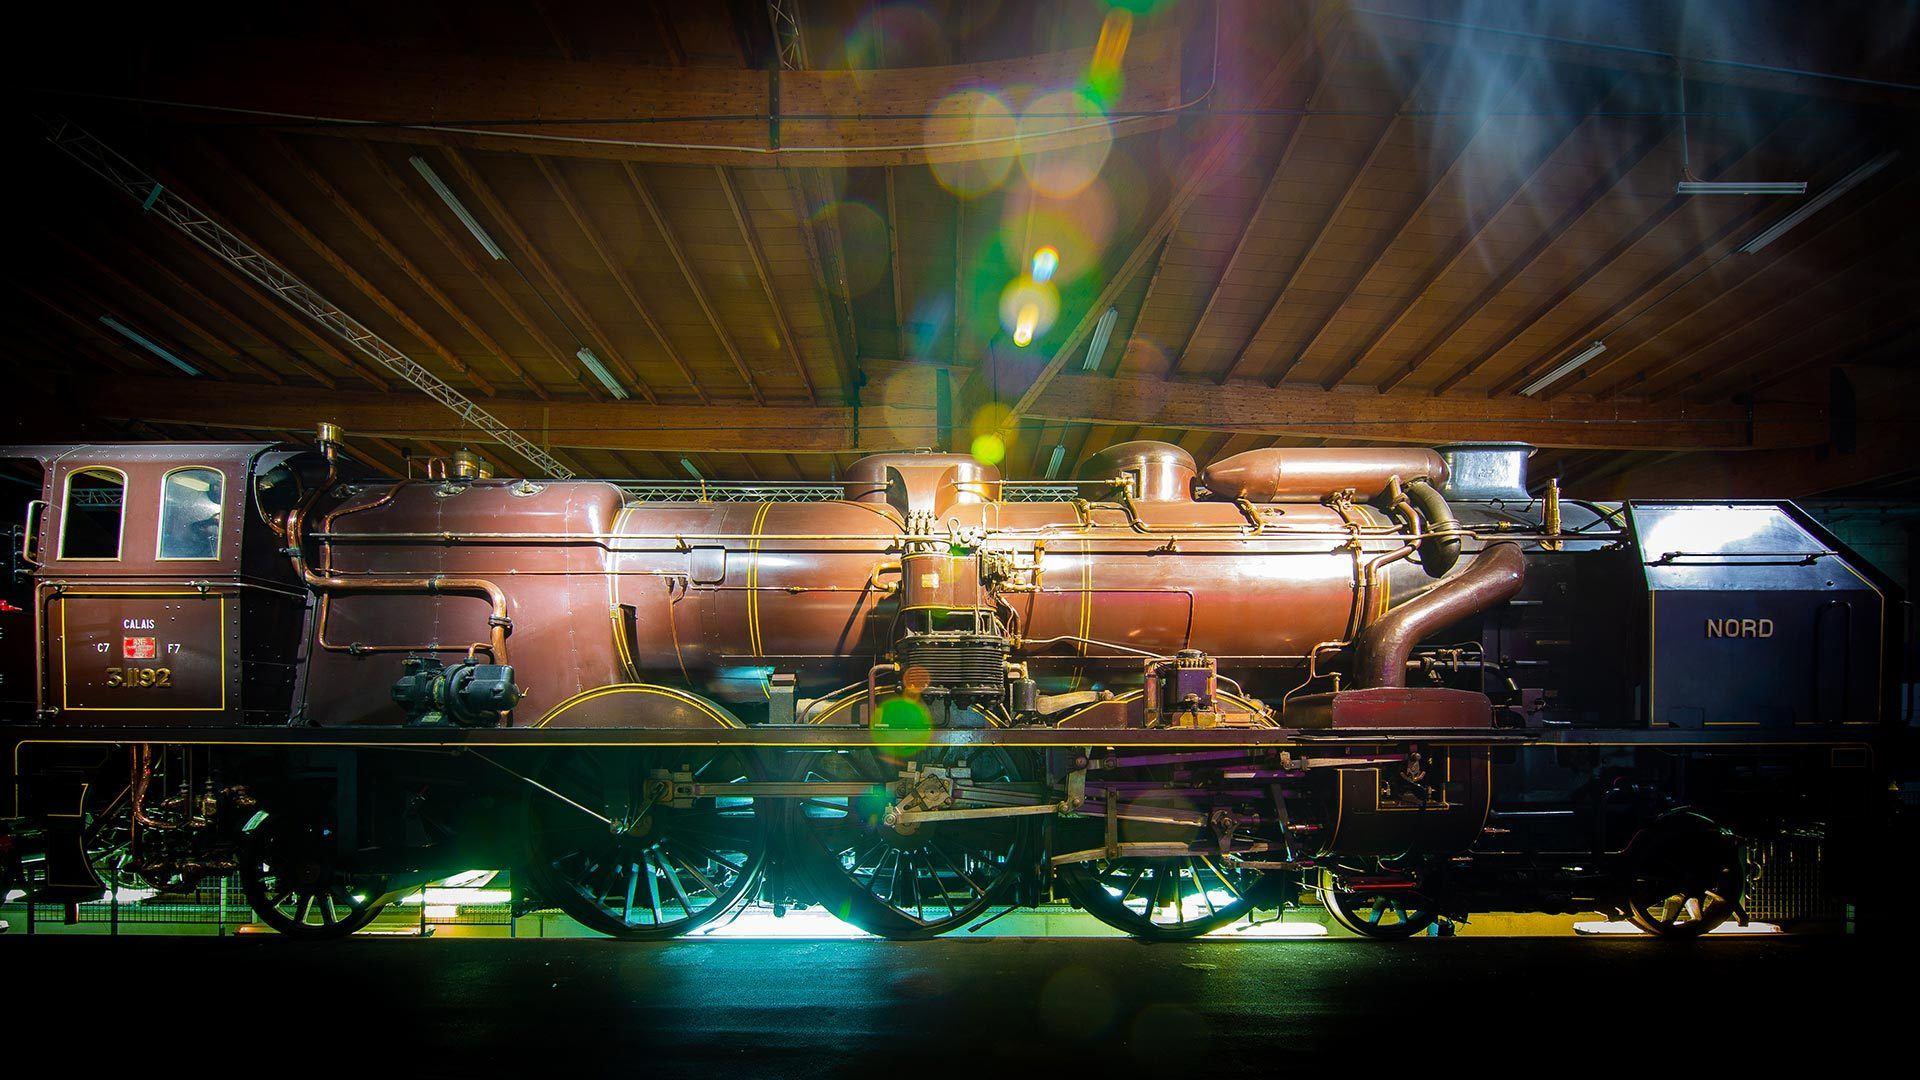 Musée du train, un musée à visiter en famille